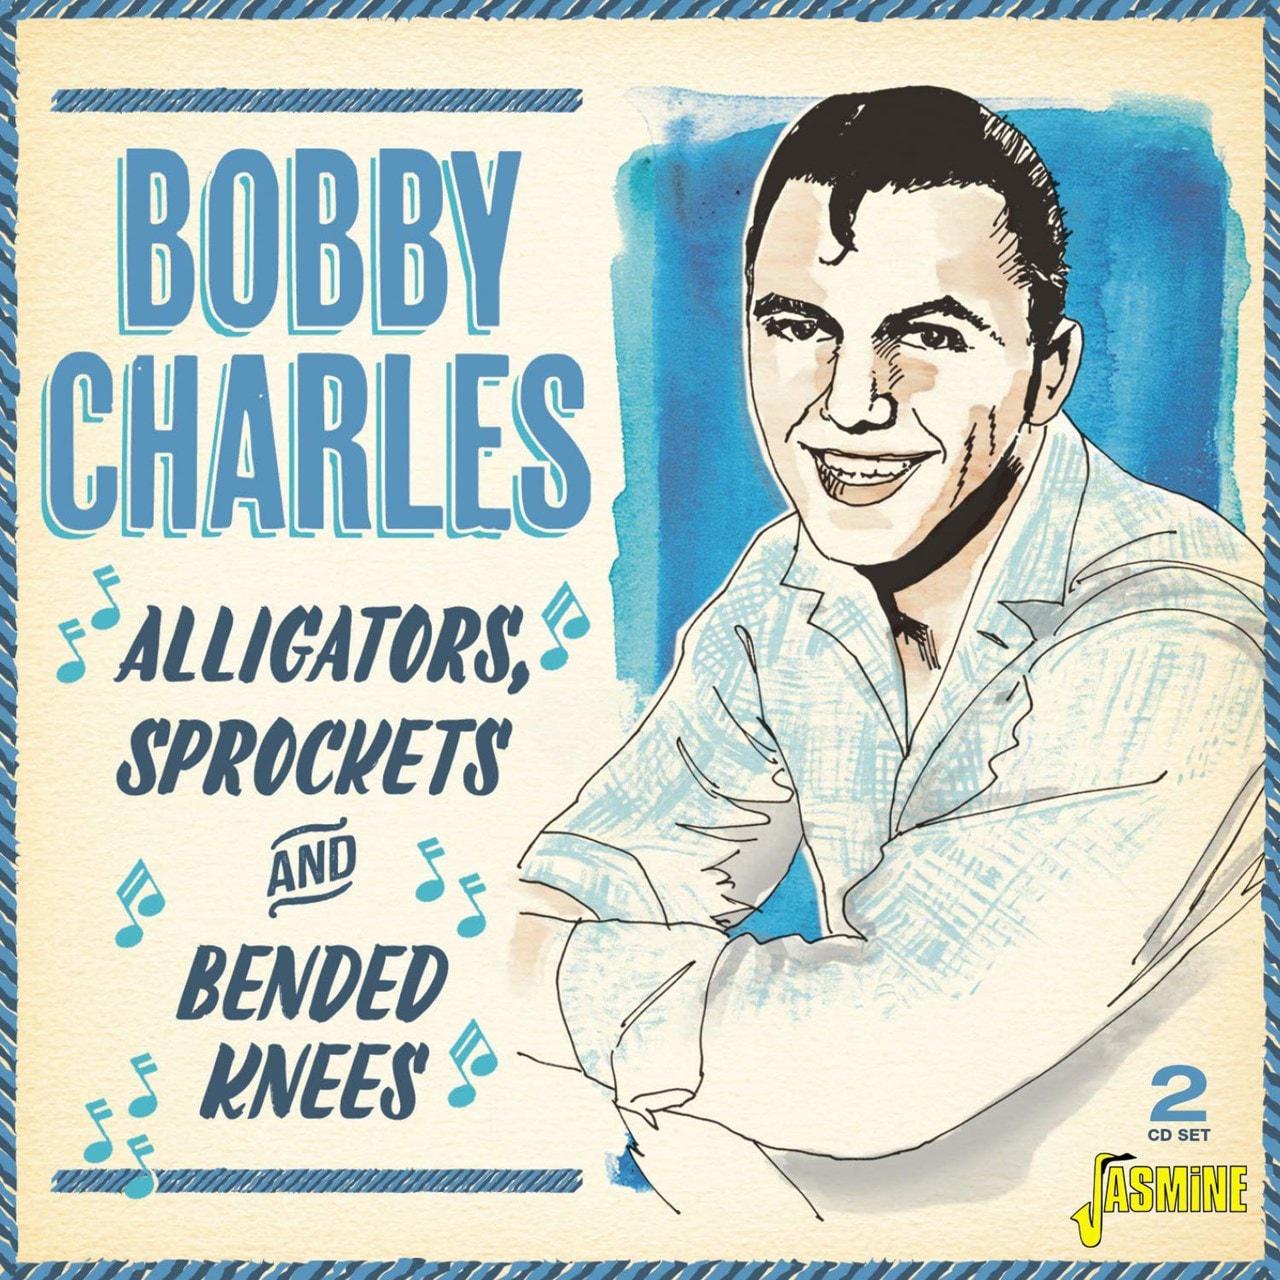 Alligators, Sprockets and Bended Knees - 1